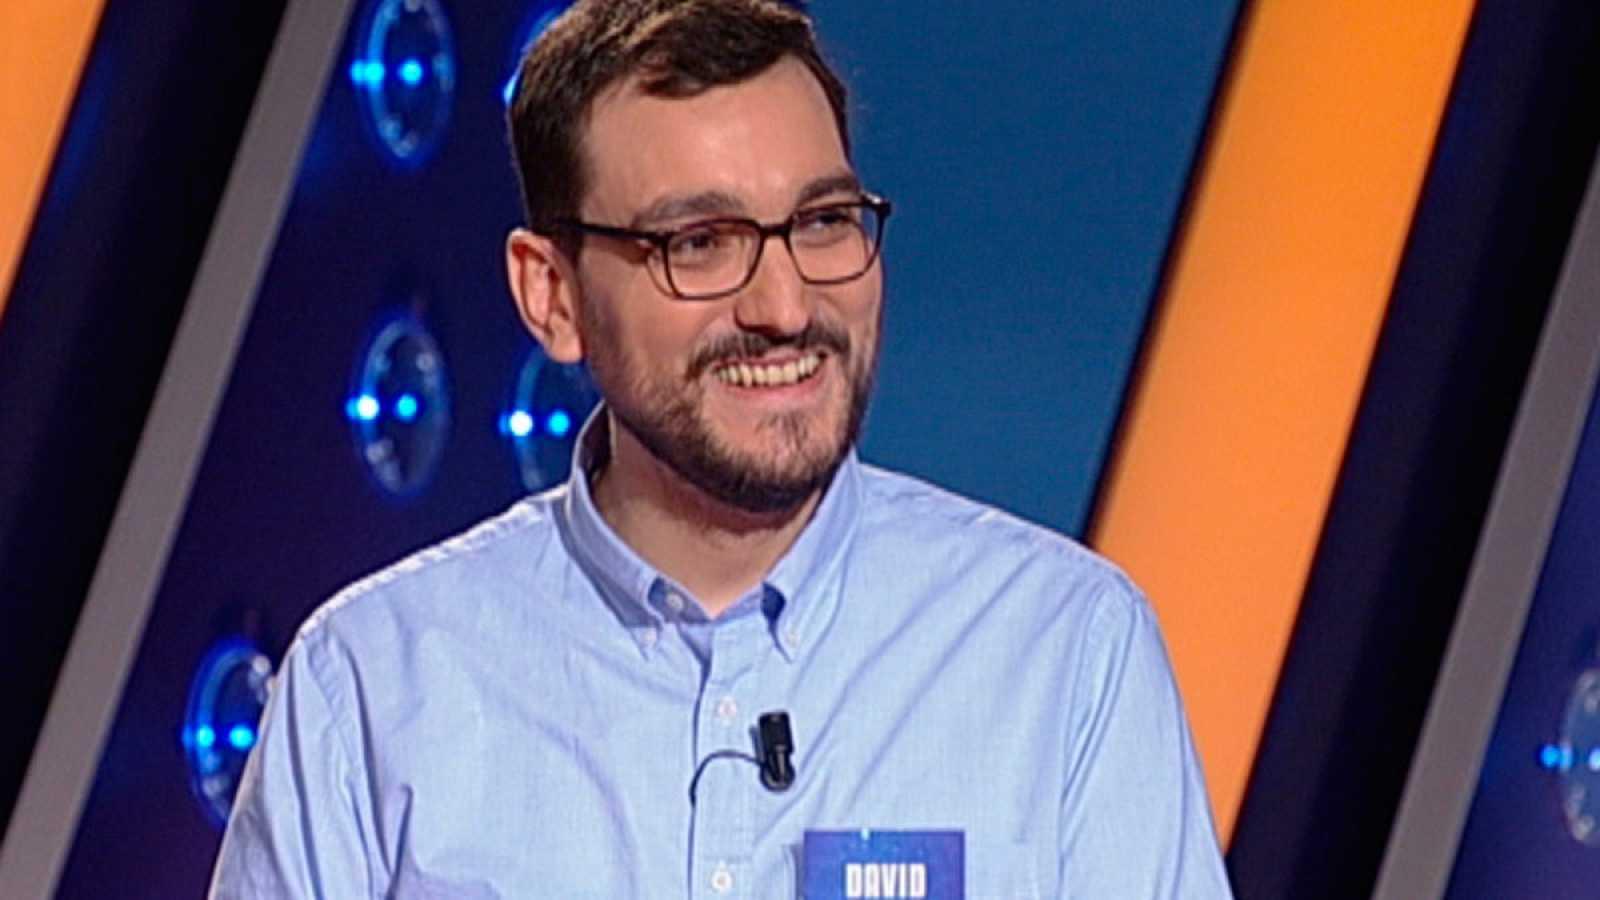 David Díaz ya ha superado los 70 programas en Saber y Ganar